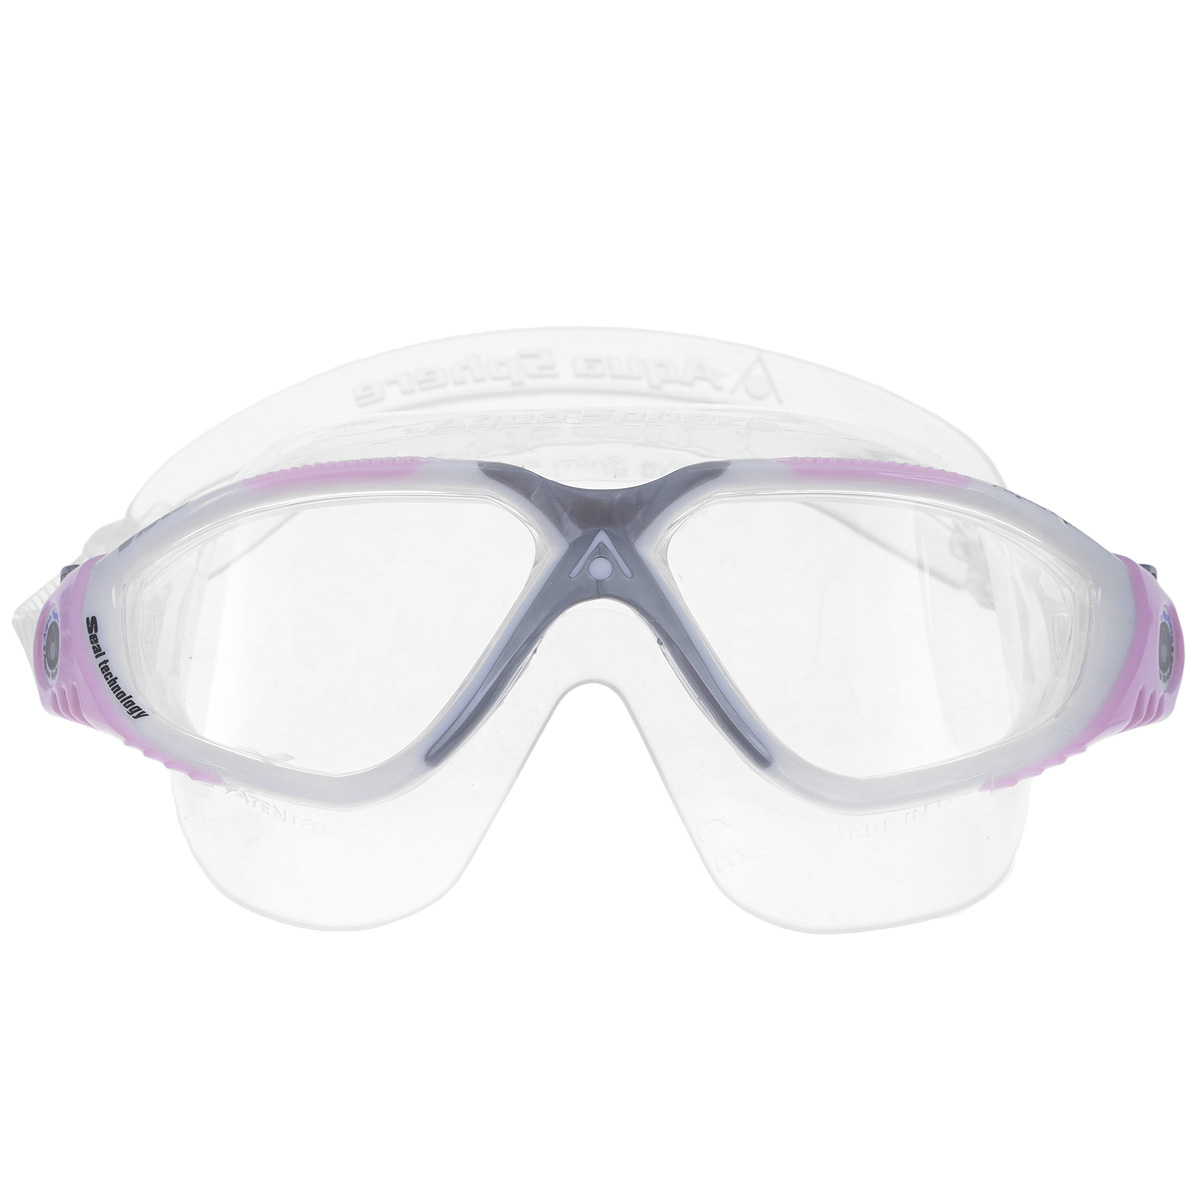 Очки для плавания Aqua Sphere Vista Lady, цвет: белый, розовый цена